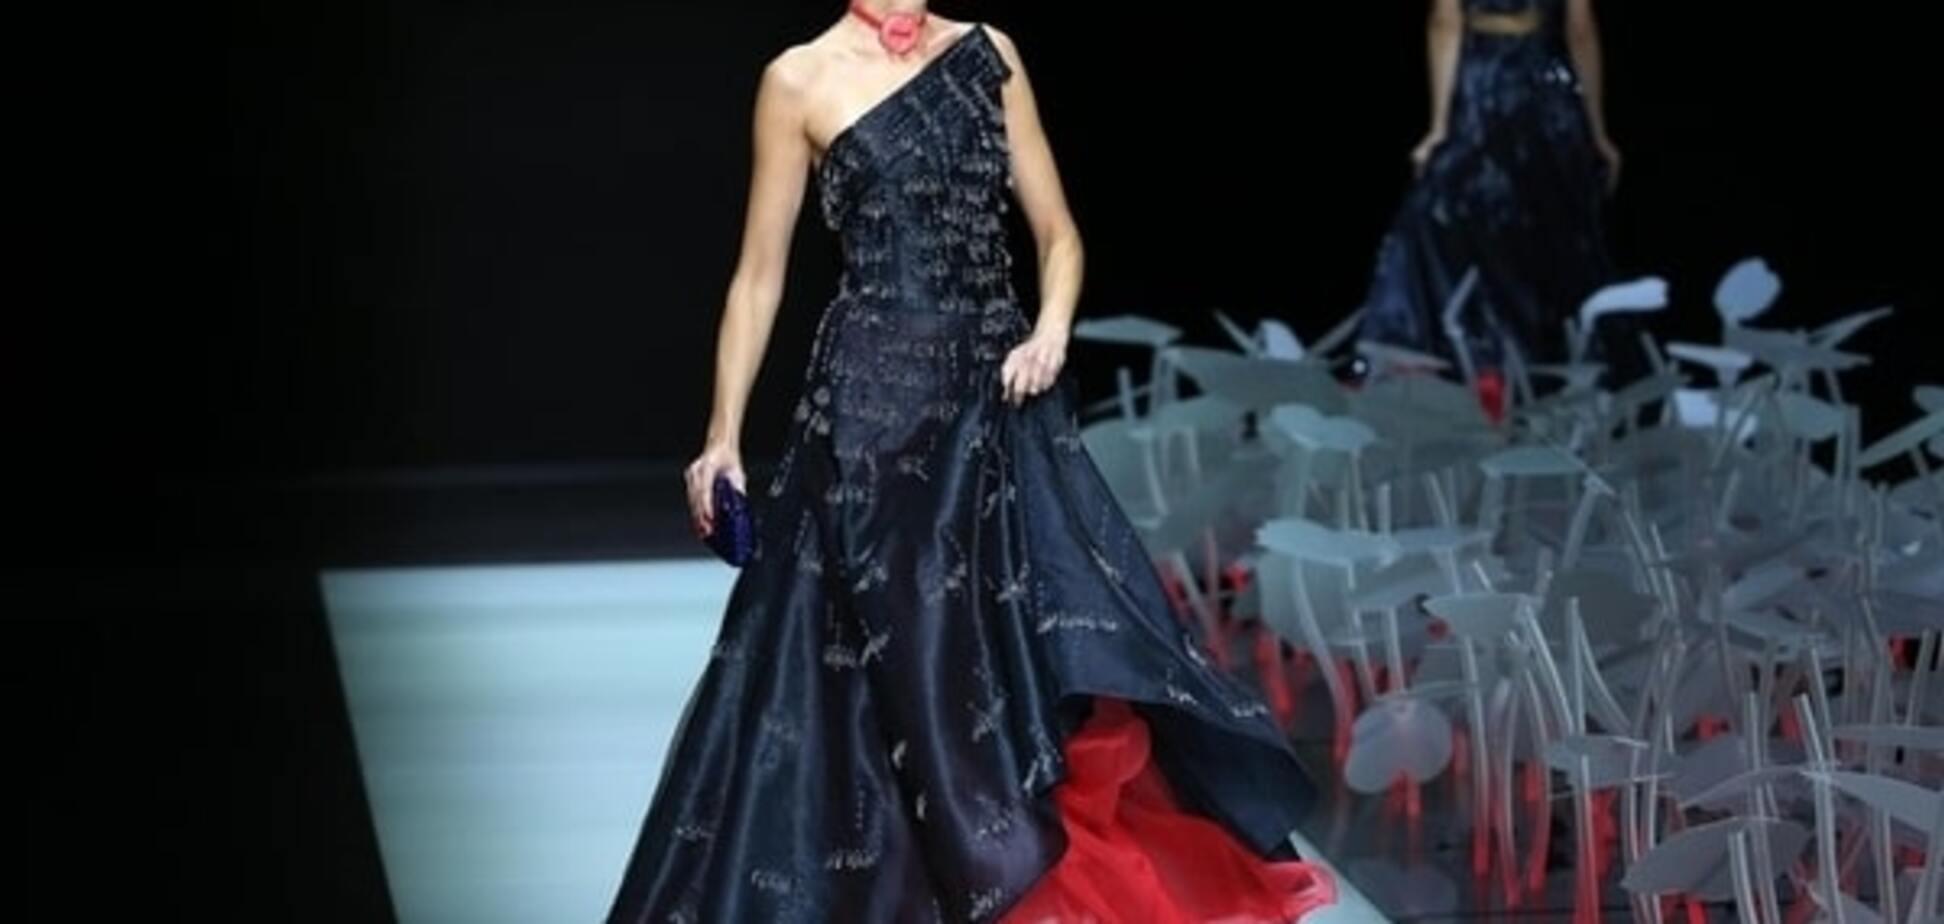 Финал Недели моды в Милане: французский шик и итальянская роскошь Giorgio Armani